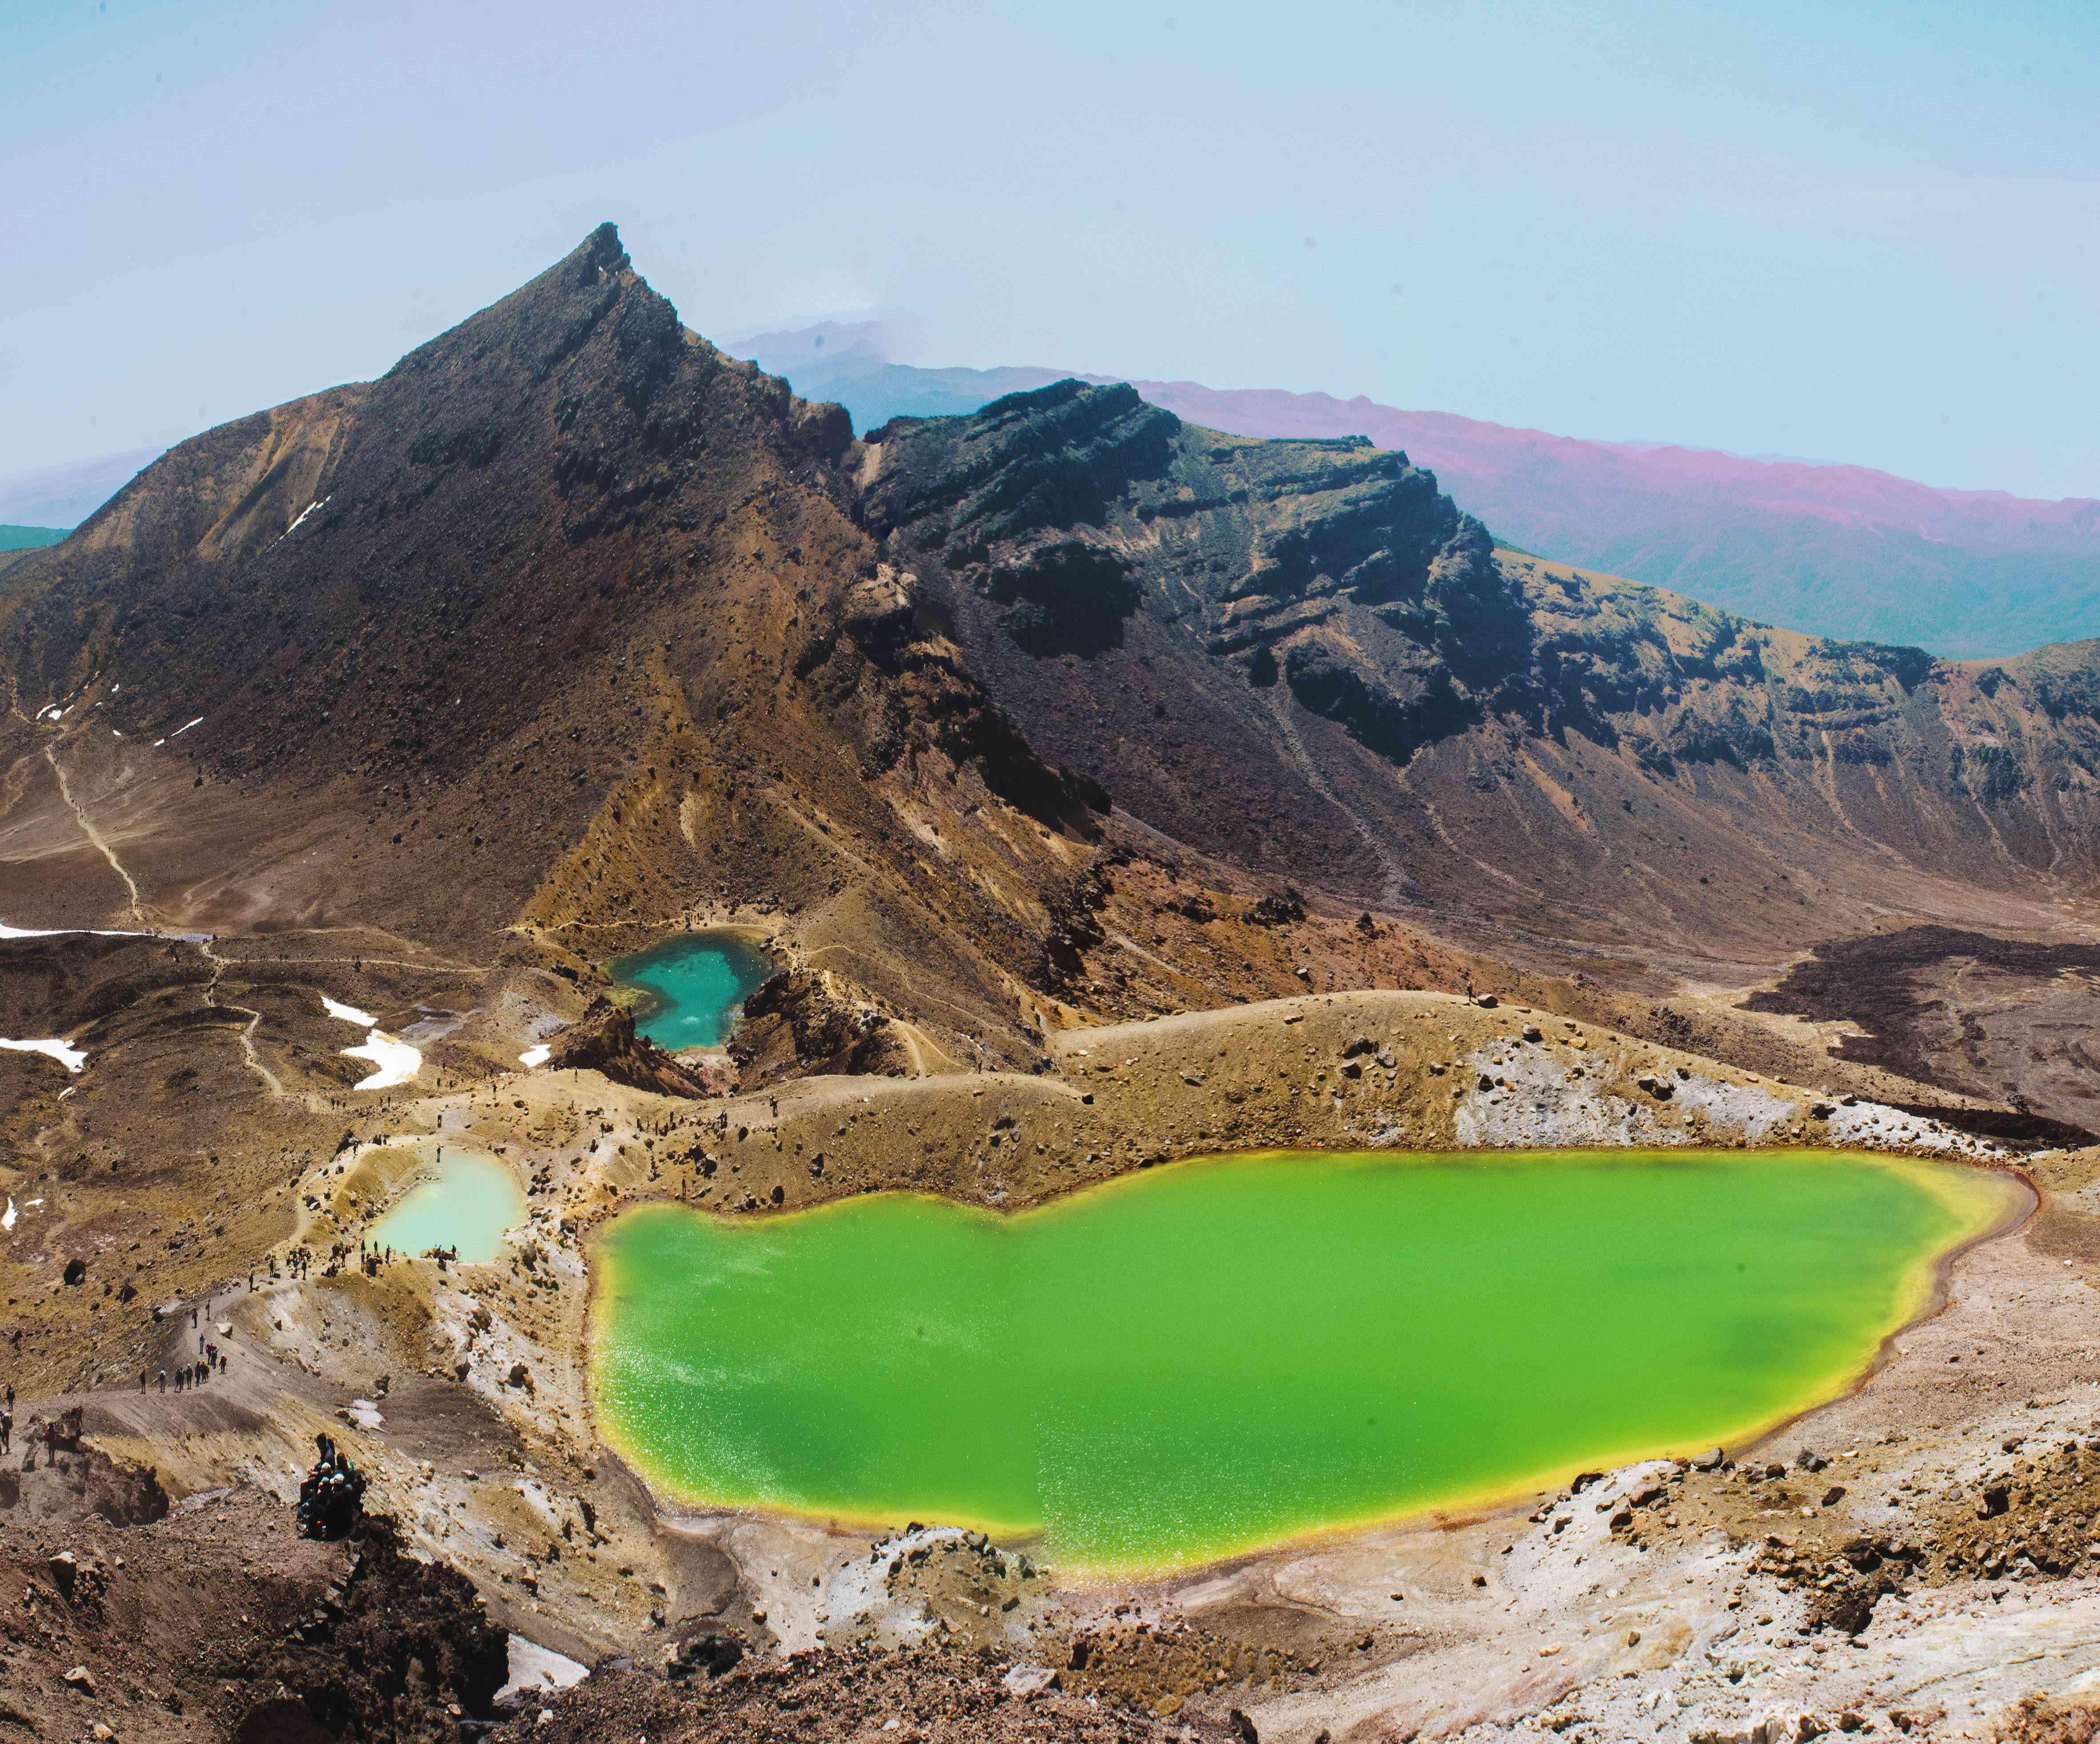 Piscinas de agua coloridas en Tongariro